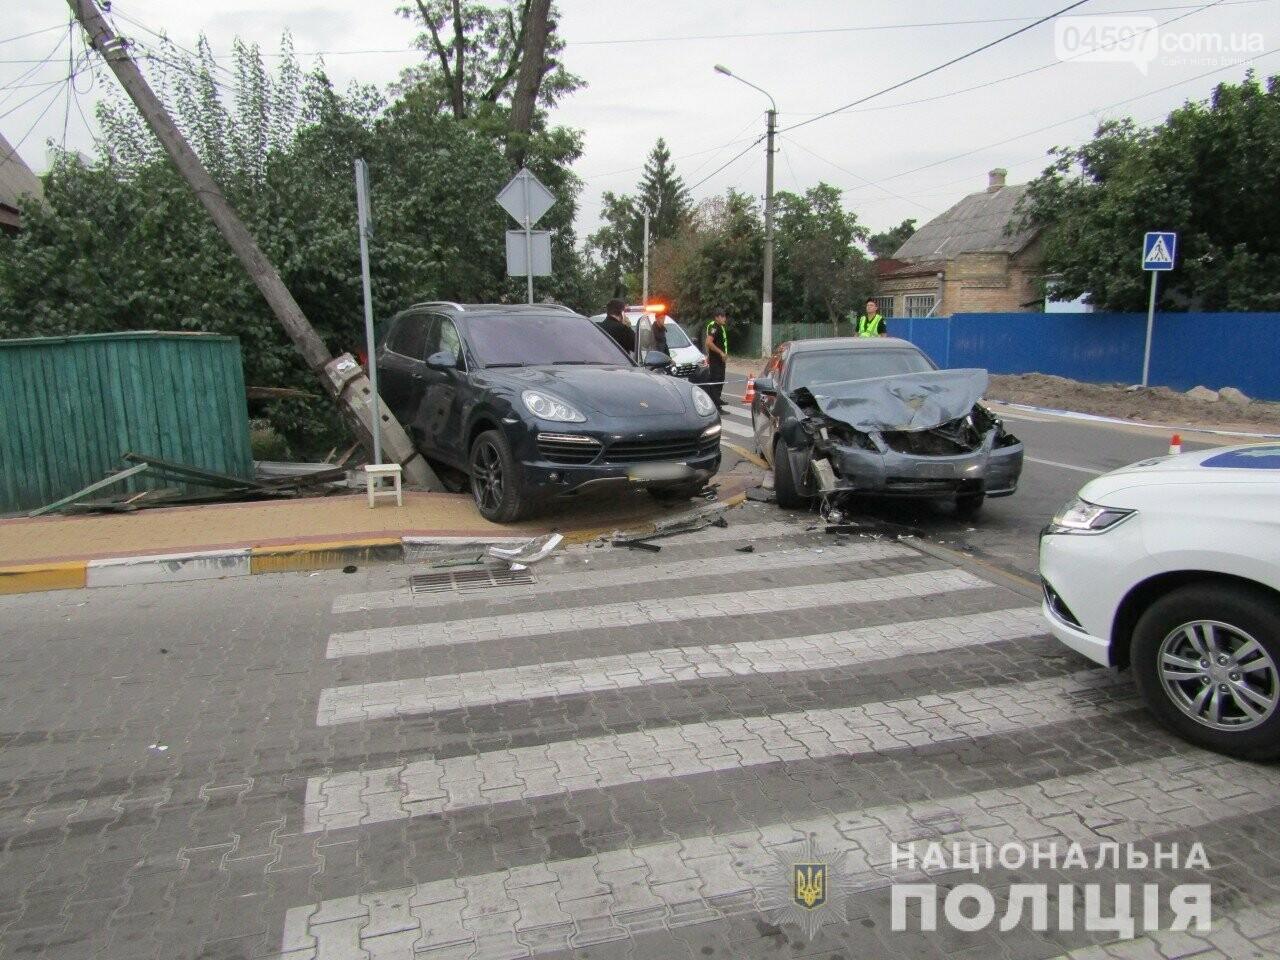 Через зіткнення автівок в Ірпені помер пішохід, фото-2